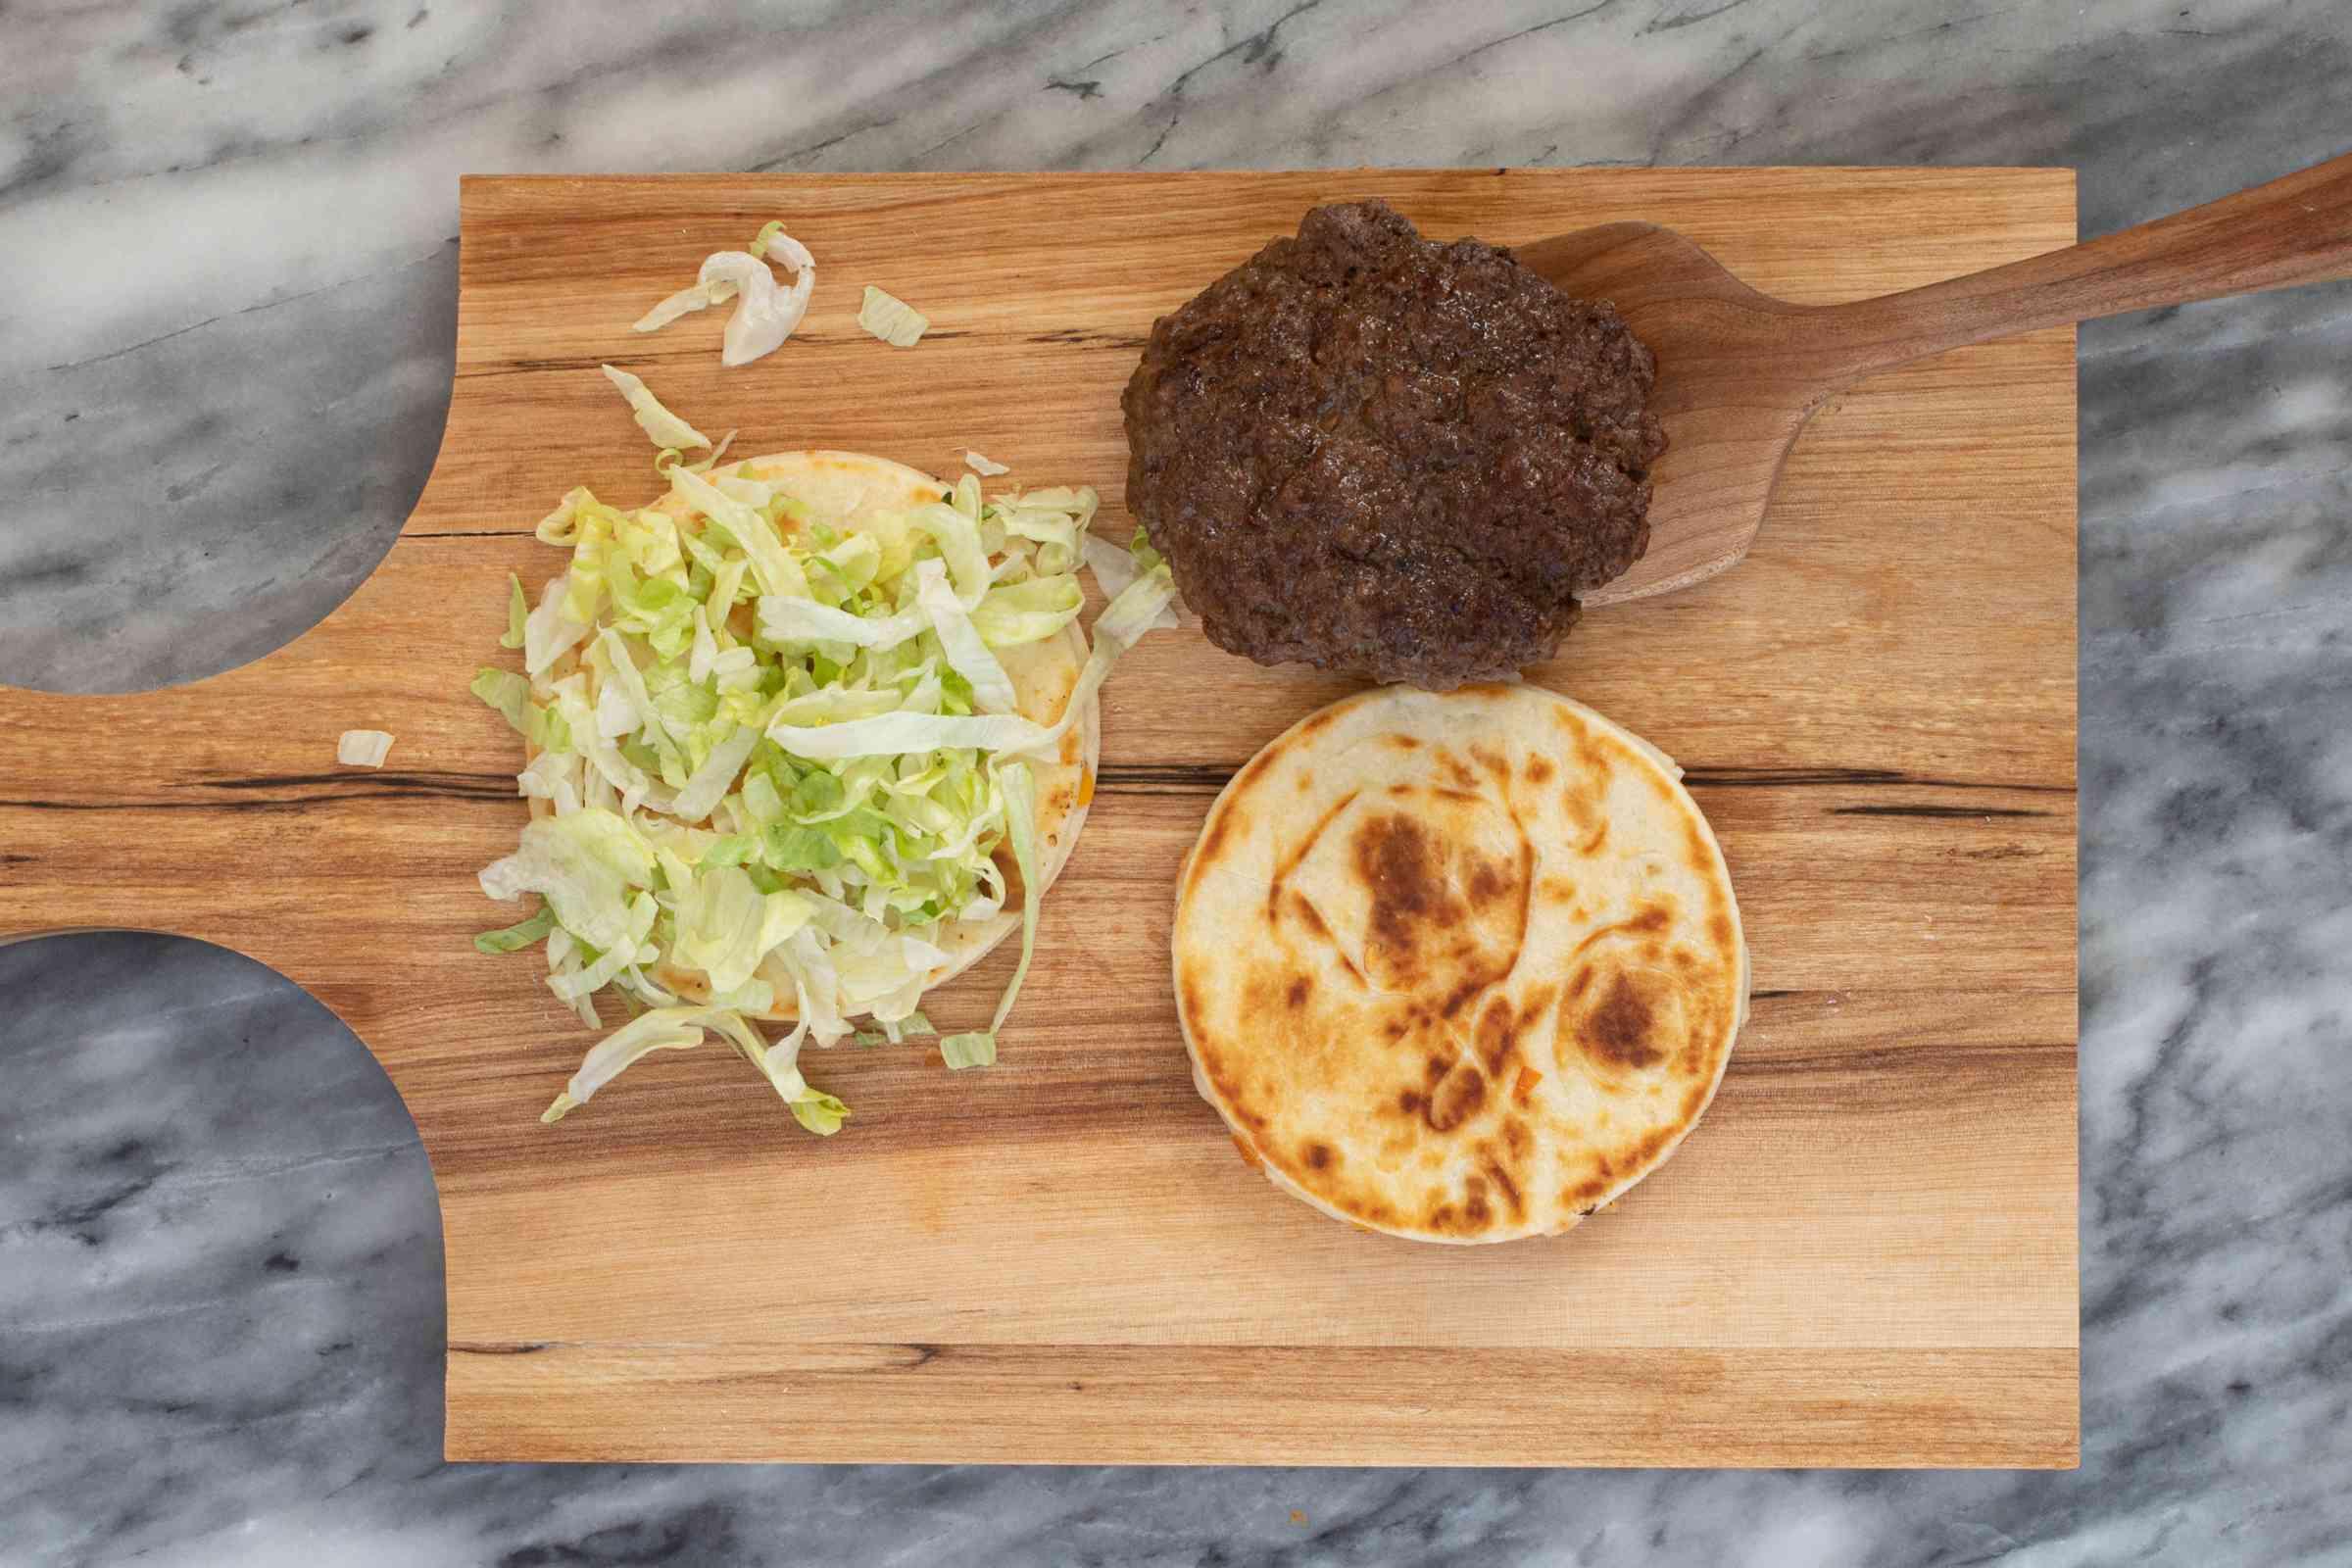 Assembling a quesadilla burger.